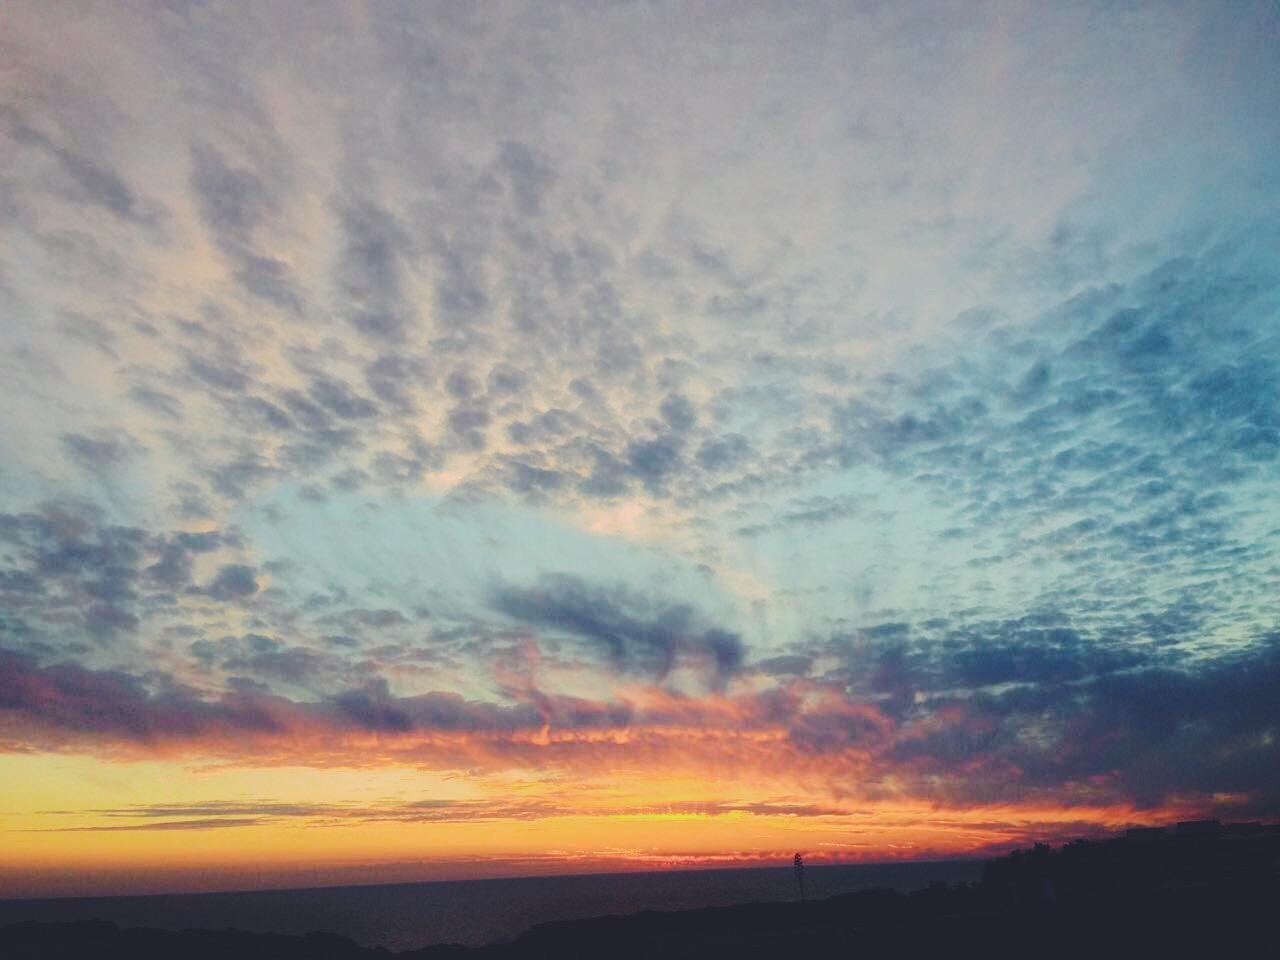 Il tramonto sul mare a Pantelleria e il profilo dell'Africa - Cosa vedere (e cosa assaggiare) in una settimana a Pantelleria